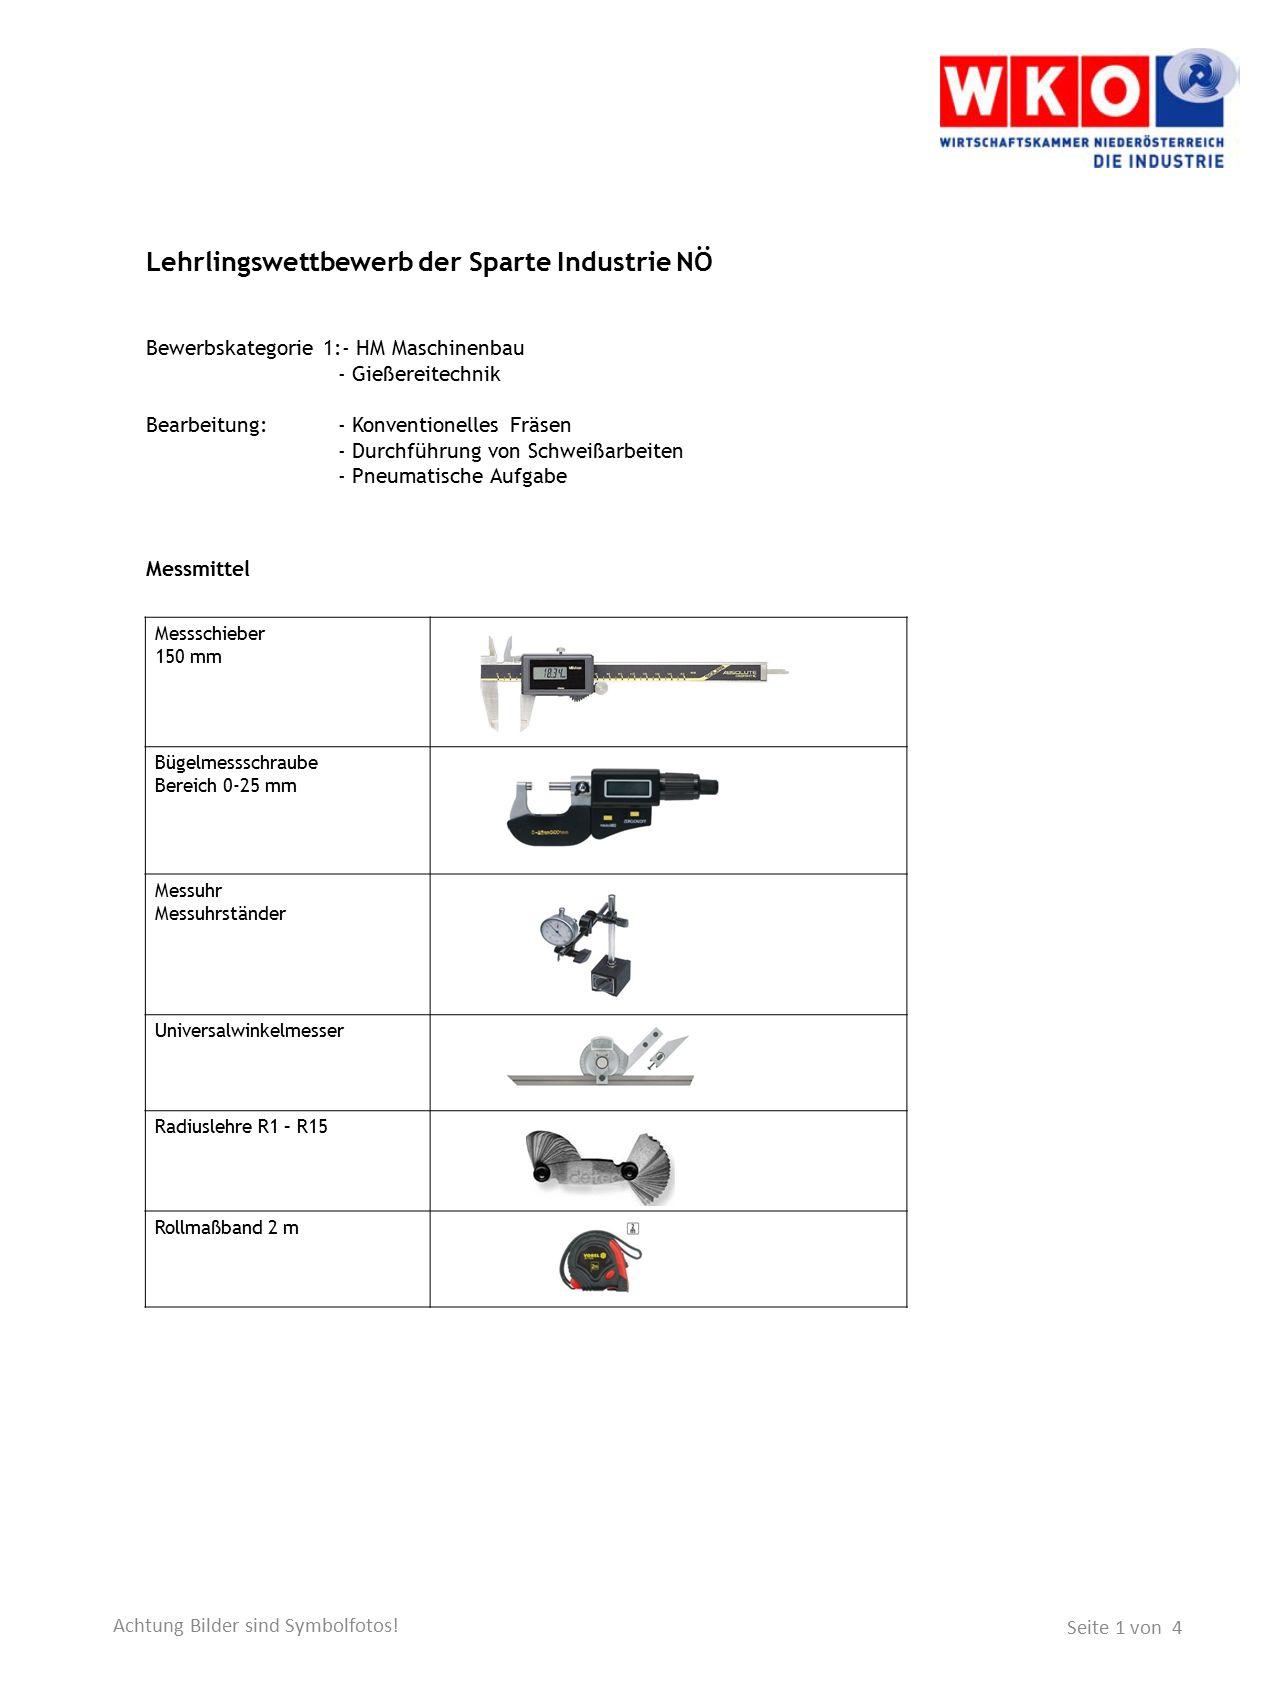 Lehrlingswettbewerb der Sparte Industrie NÖ Bewerbskategorie 1:- HM Maschinenbau - Gießereitechnik Bearbeitung:- Konventionelles Fräsen - Durchführung